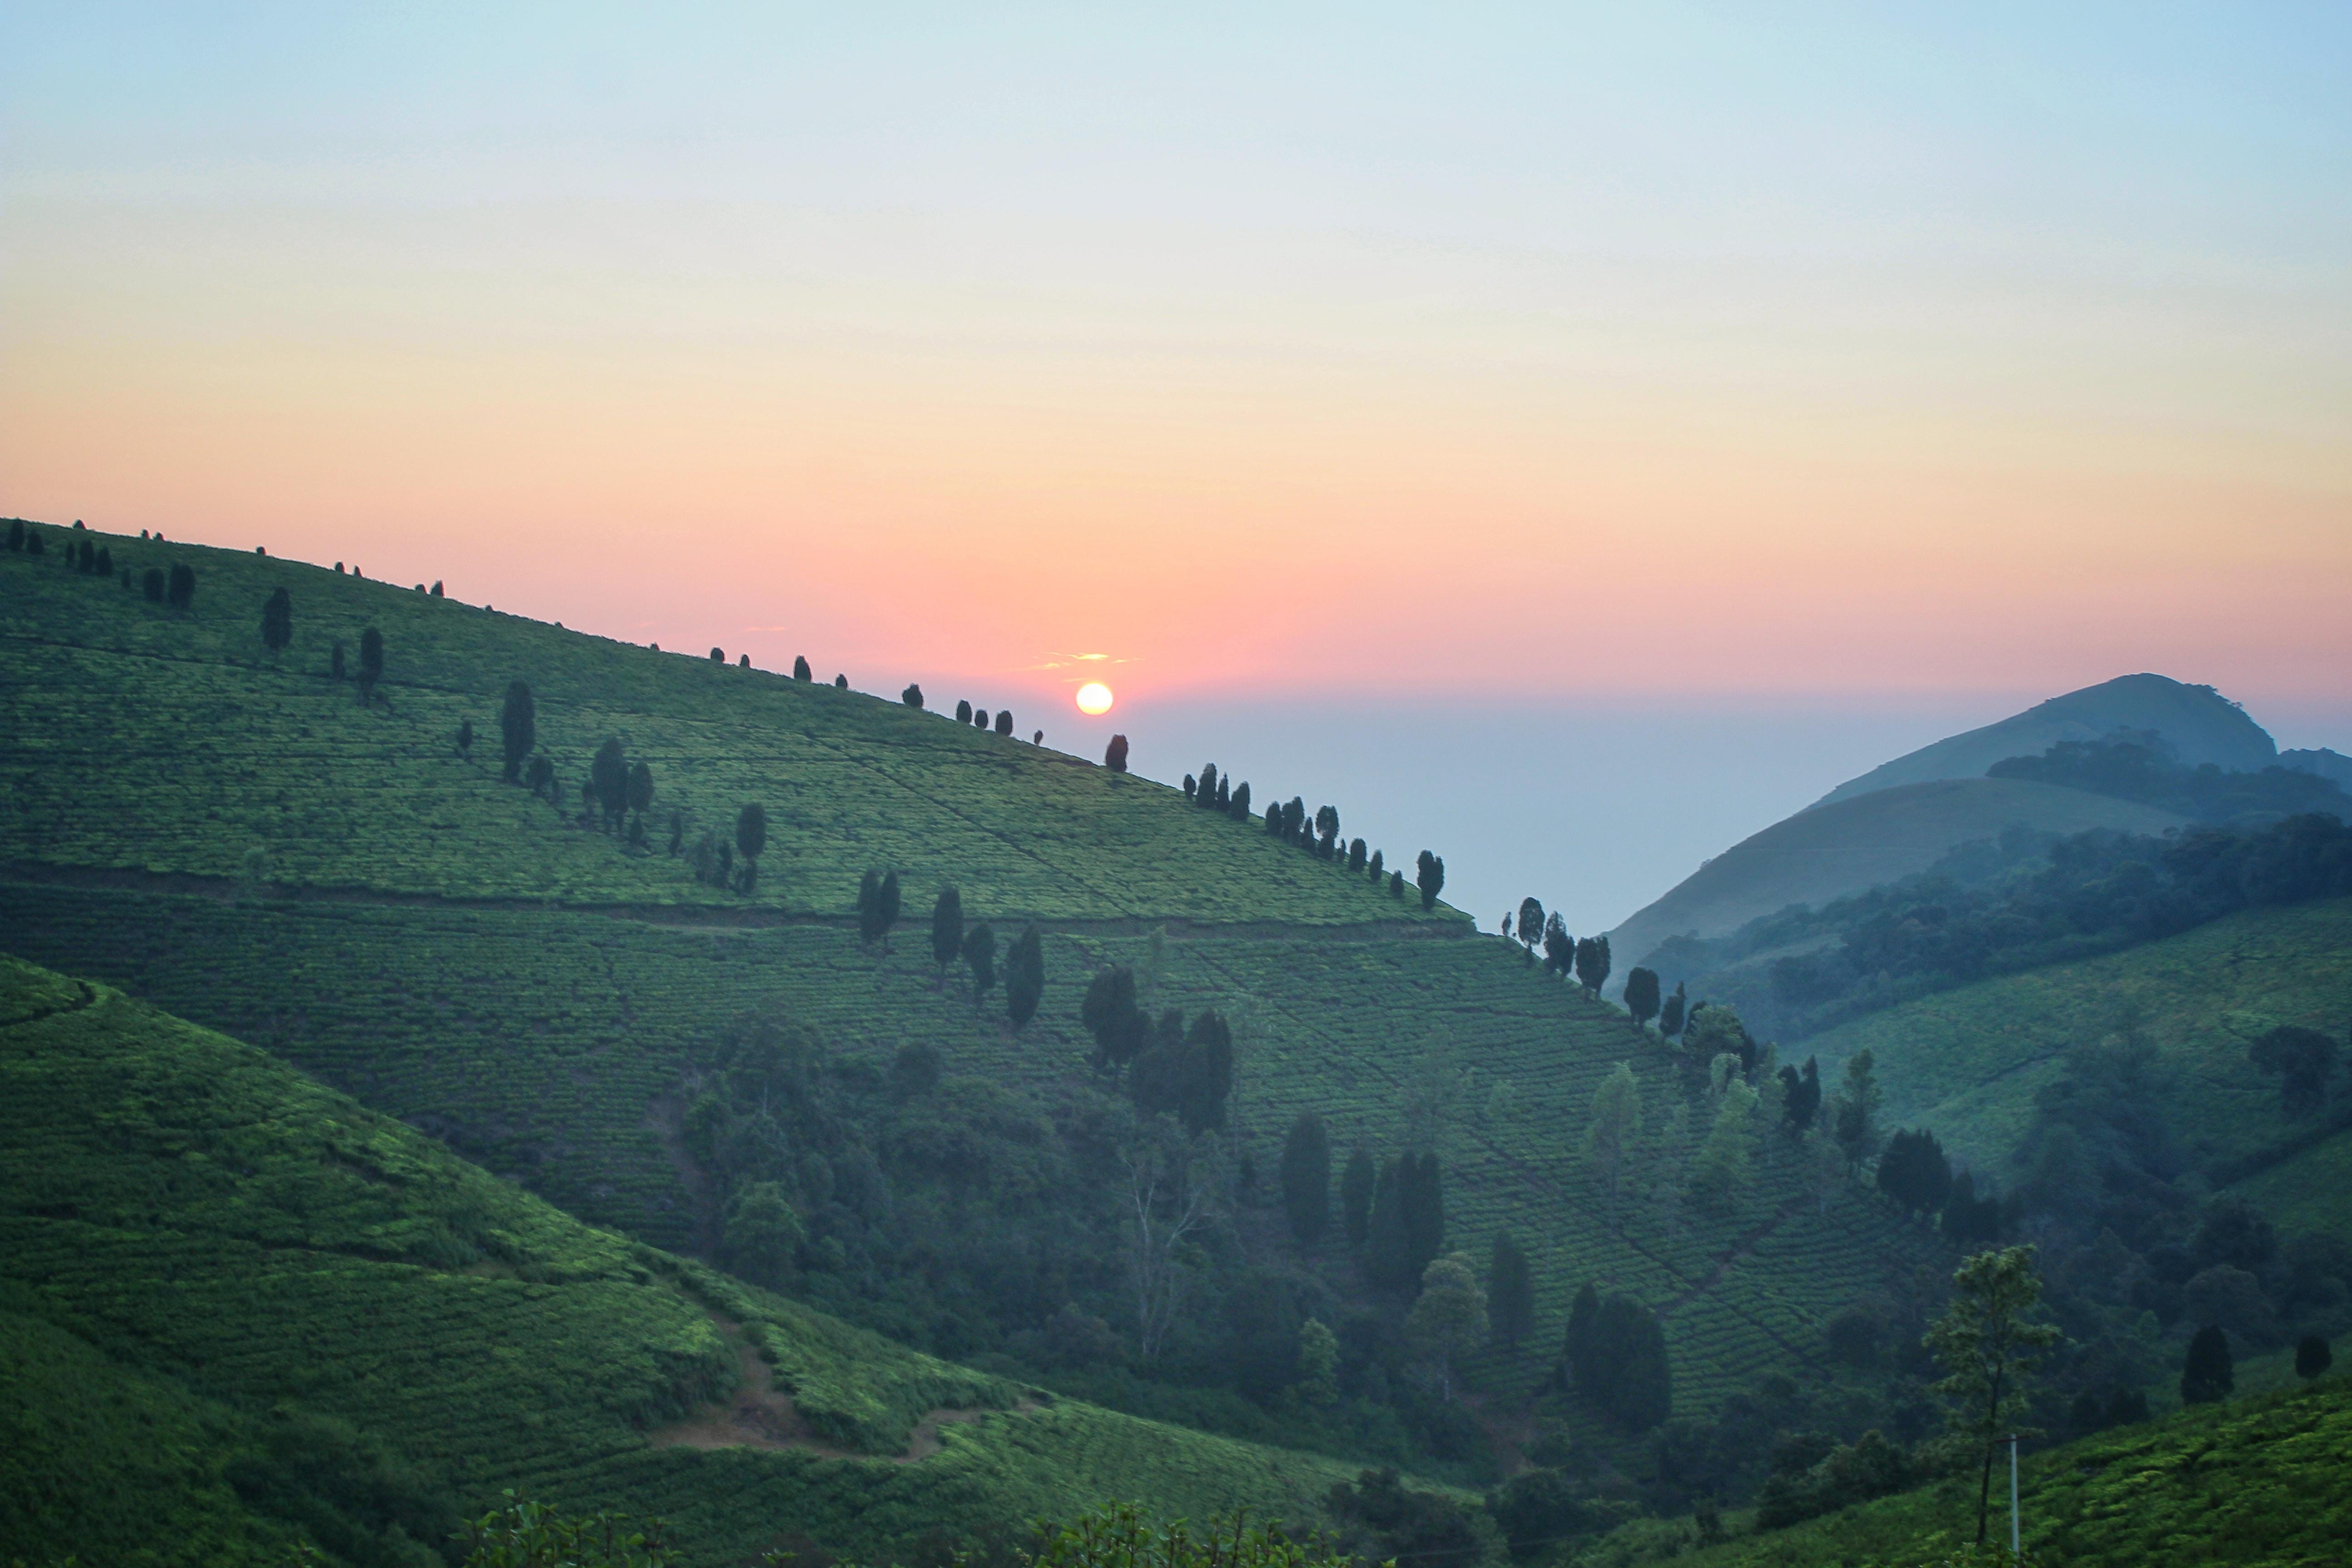 landscape shot of hills